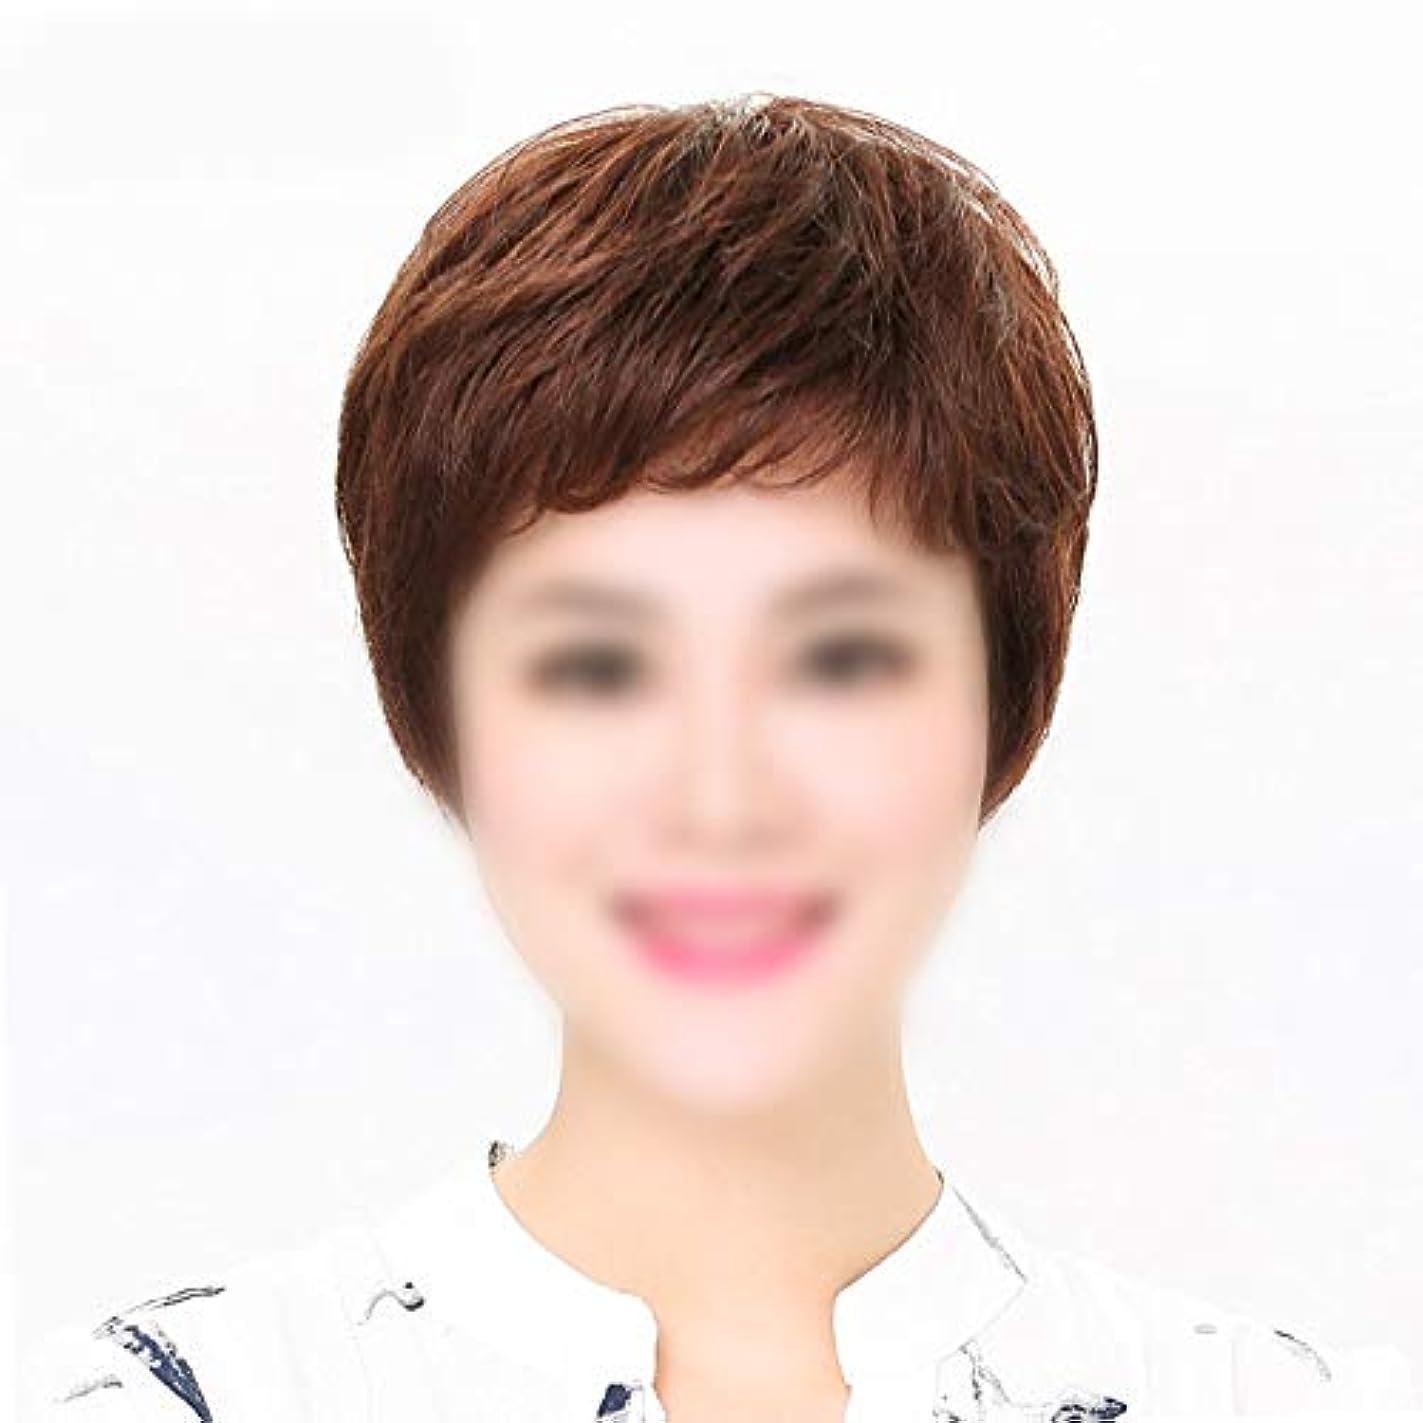 キャストウォーターフロントとティームYOUQIU ママデイリードレスウィッグかつら人間の自然なヘアエクステンションショートストレートヘアー (色 : Dark brown, サイズ : Mechanism)